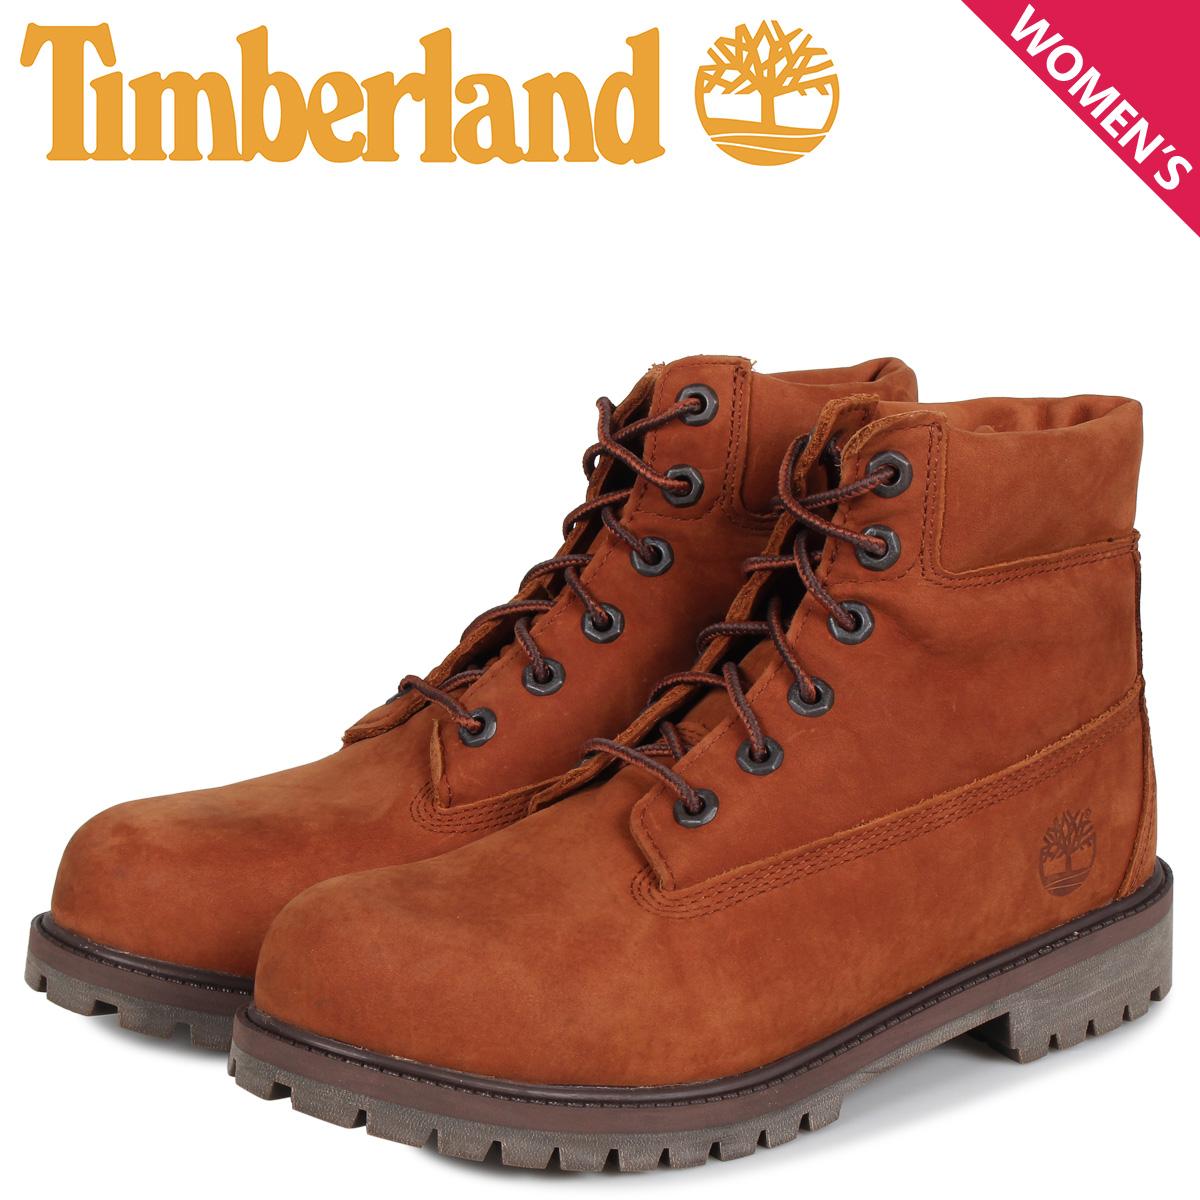 ティンバーランド Timberland ブーツ レディース 6インチ プレミアム JUNIOR 6INCH PREMIUM WATERPROOF BOOT ブラウン A2BKM